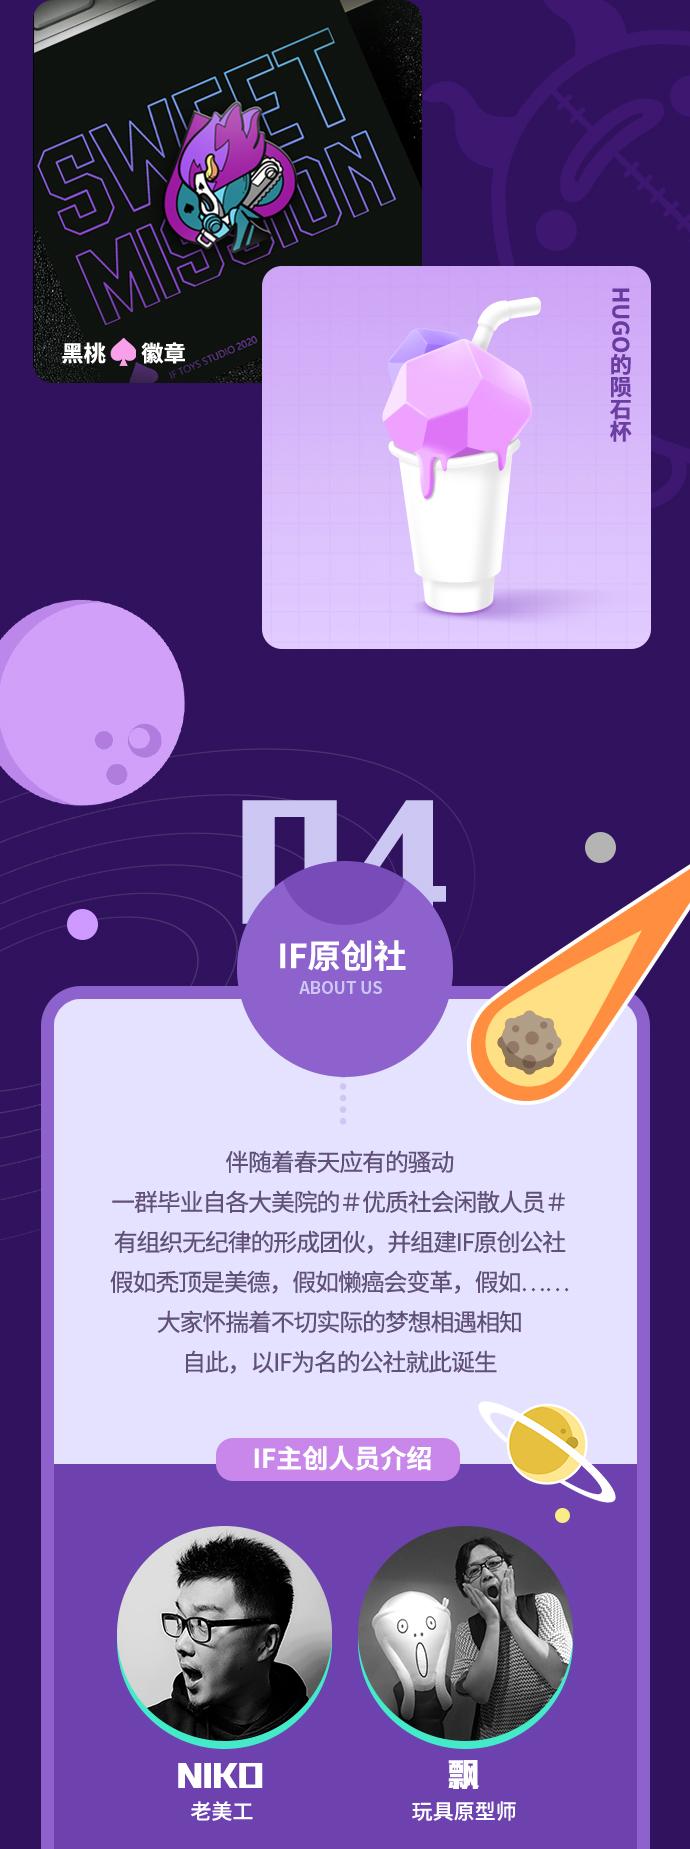 众筹阶段项目介绍_13.jpg